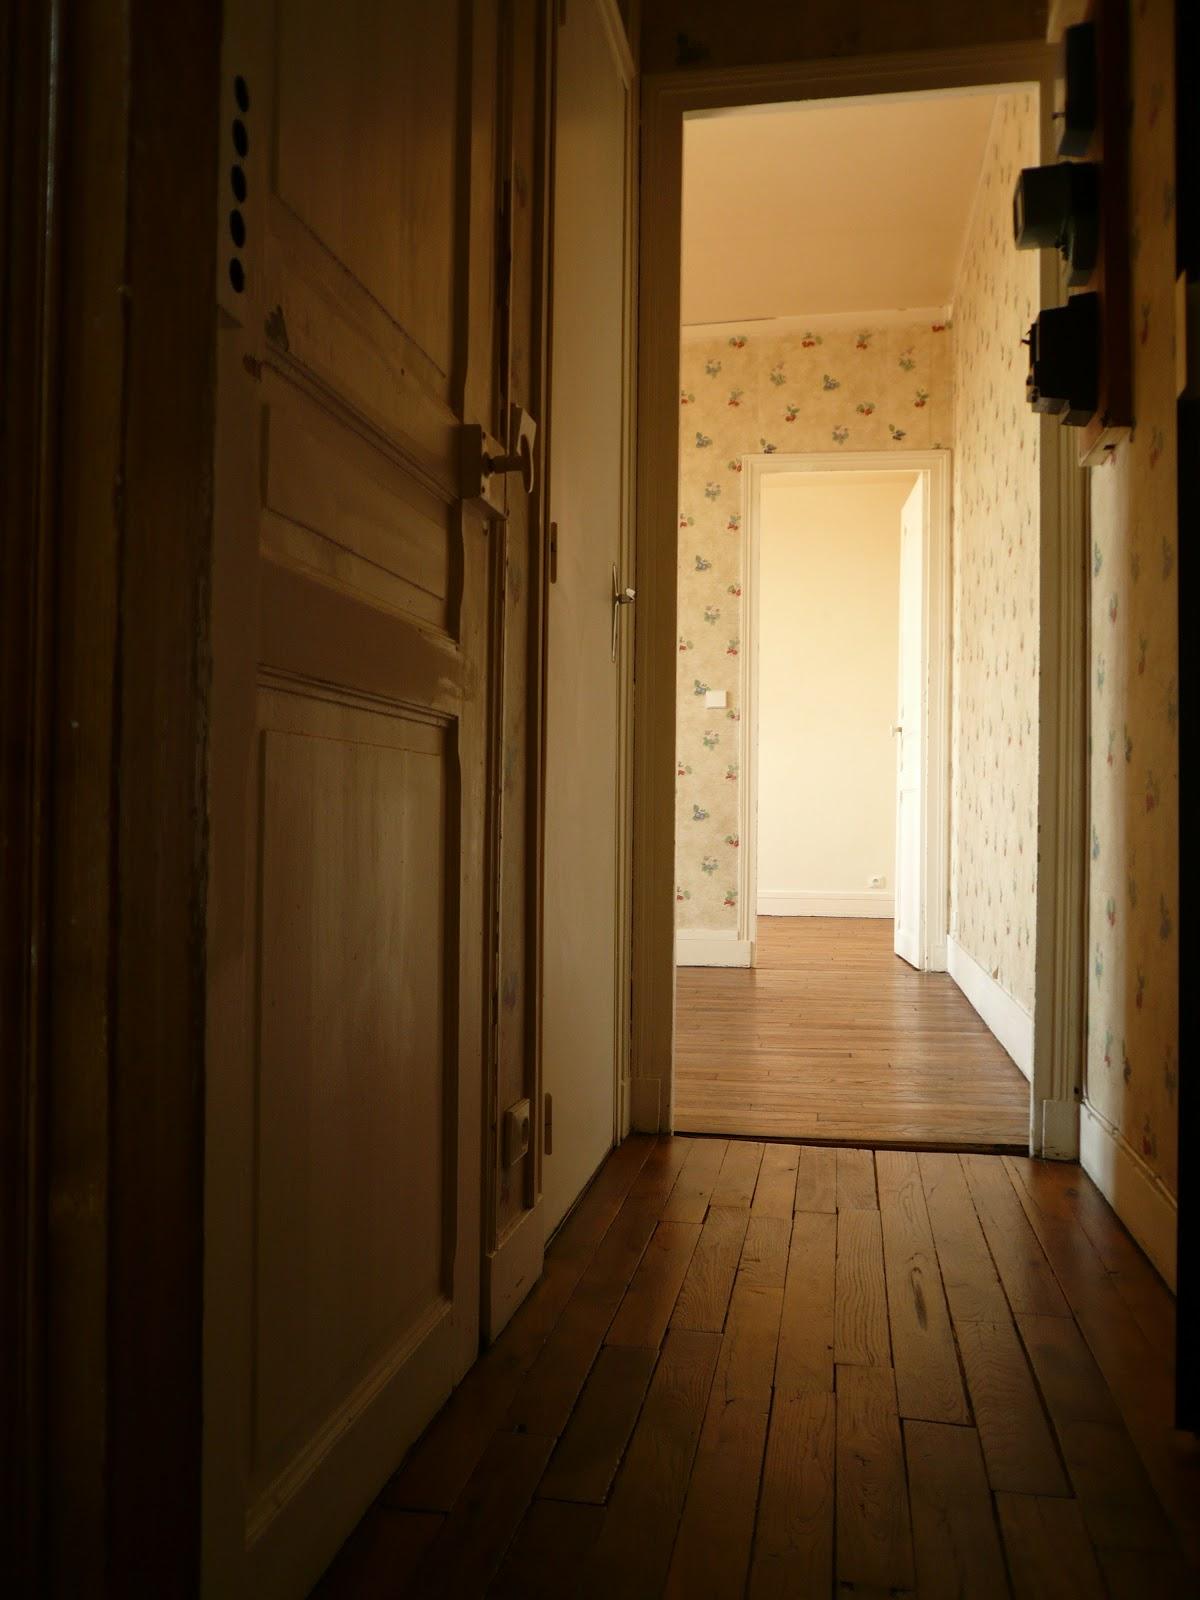 vends 2 pi ces montreuil couloir d 39 entr e donnant acc s aux toilettes s par es la salle. Black Bedroom Furniture Sets. Home Design Ideas